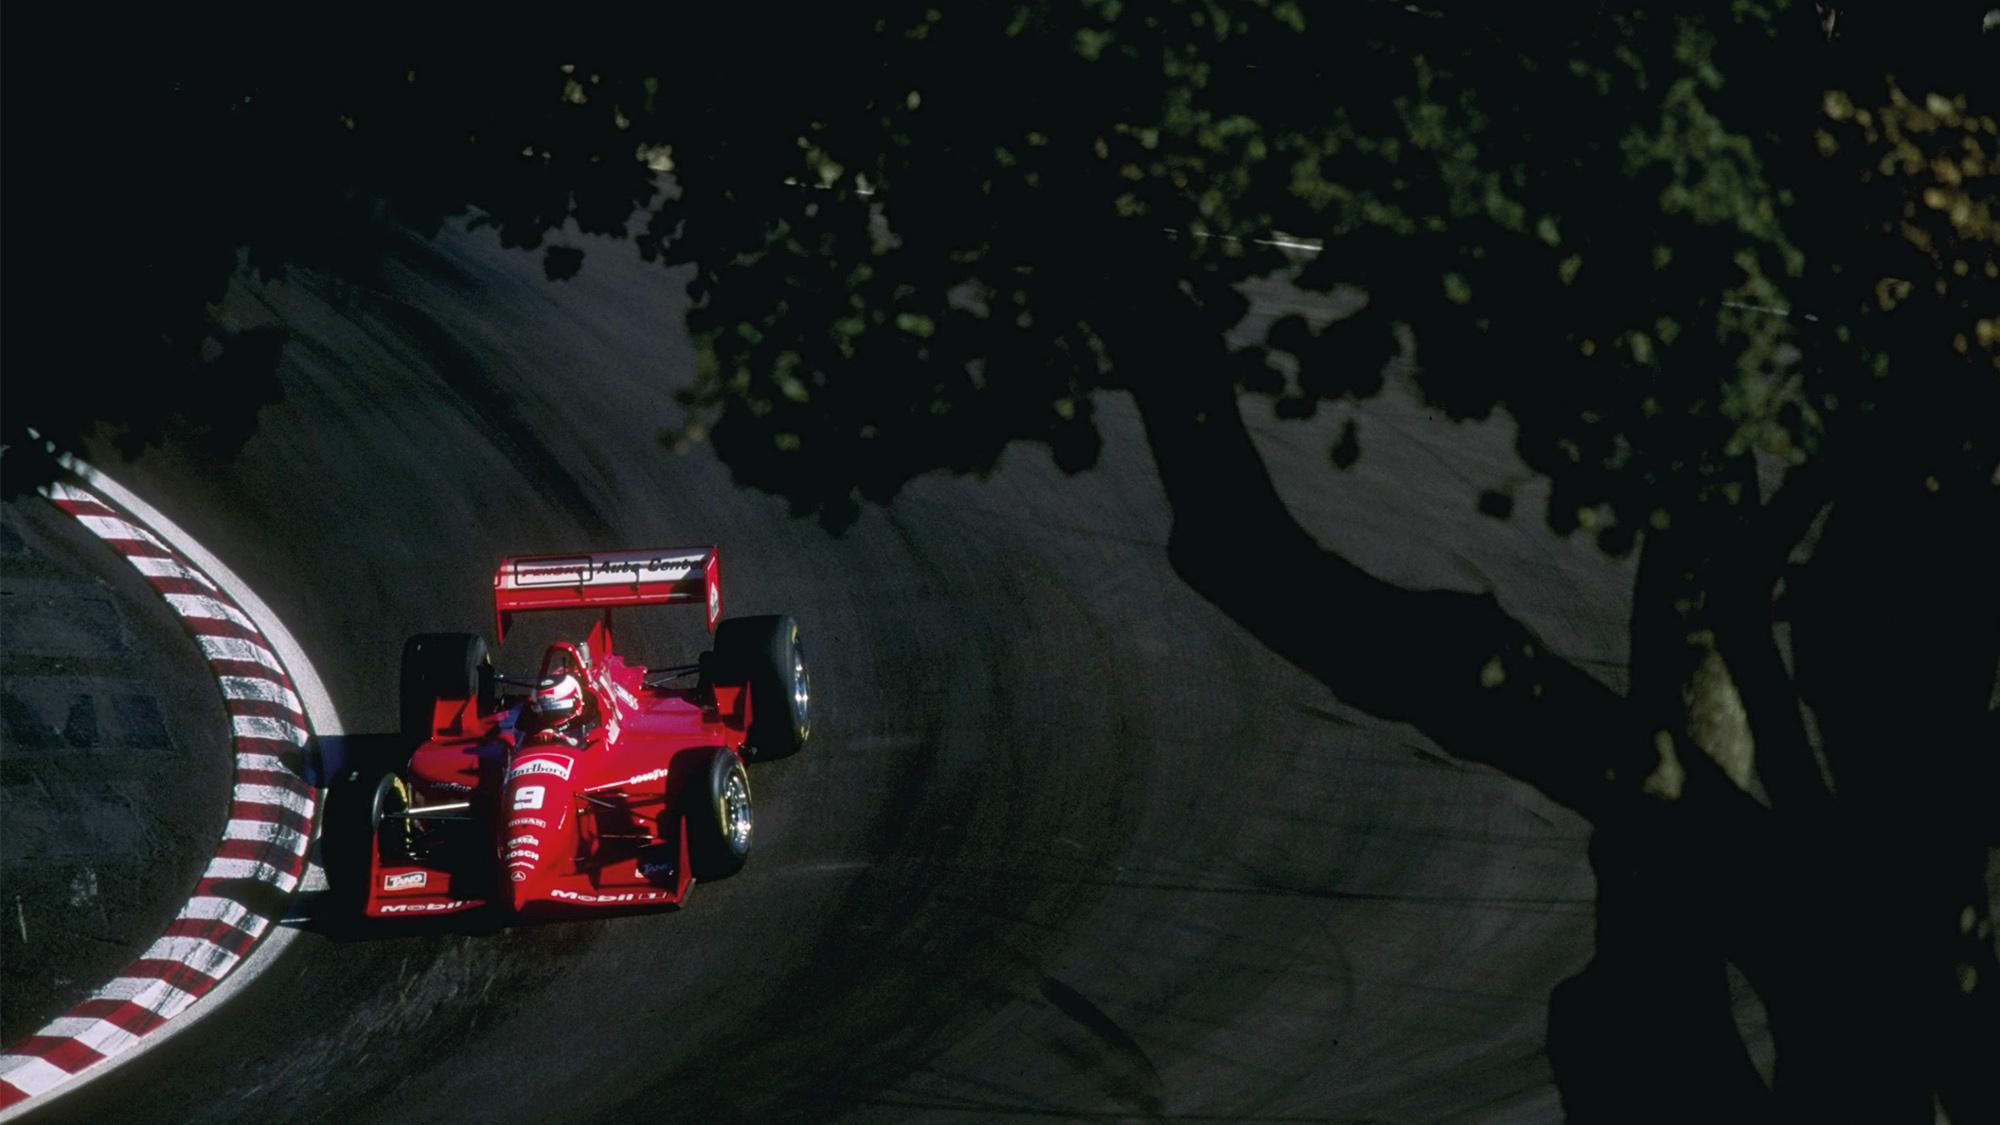 Jan Magnussen at Laguna Seca in 1996